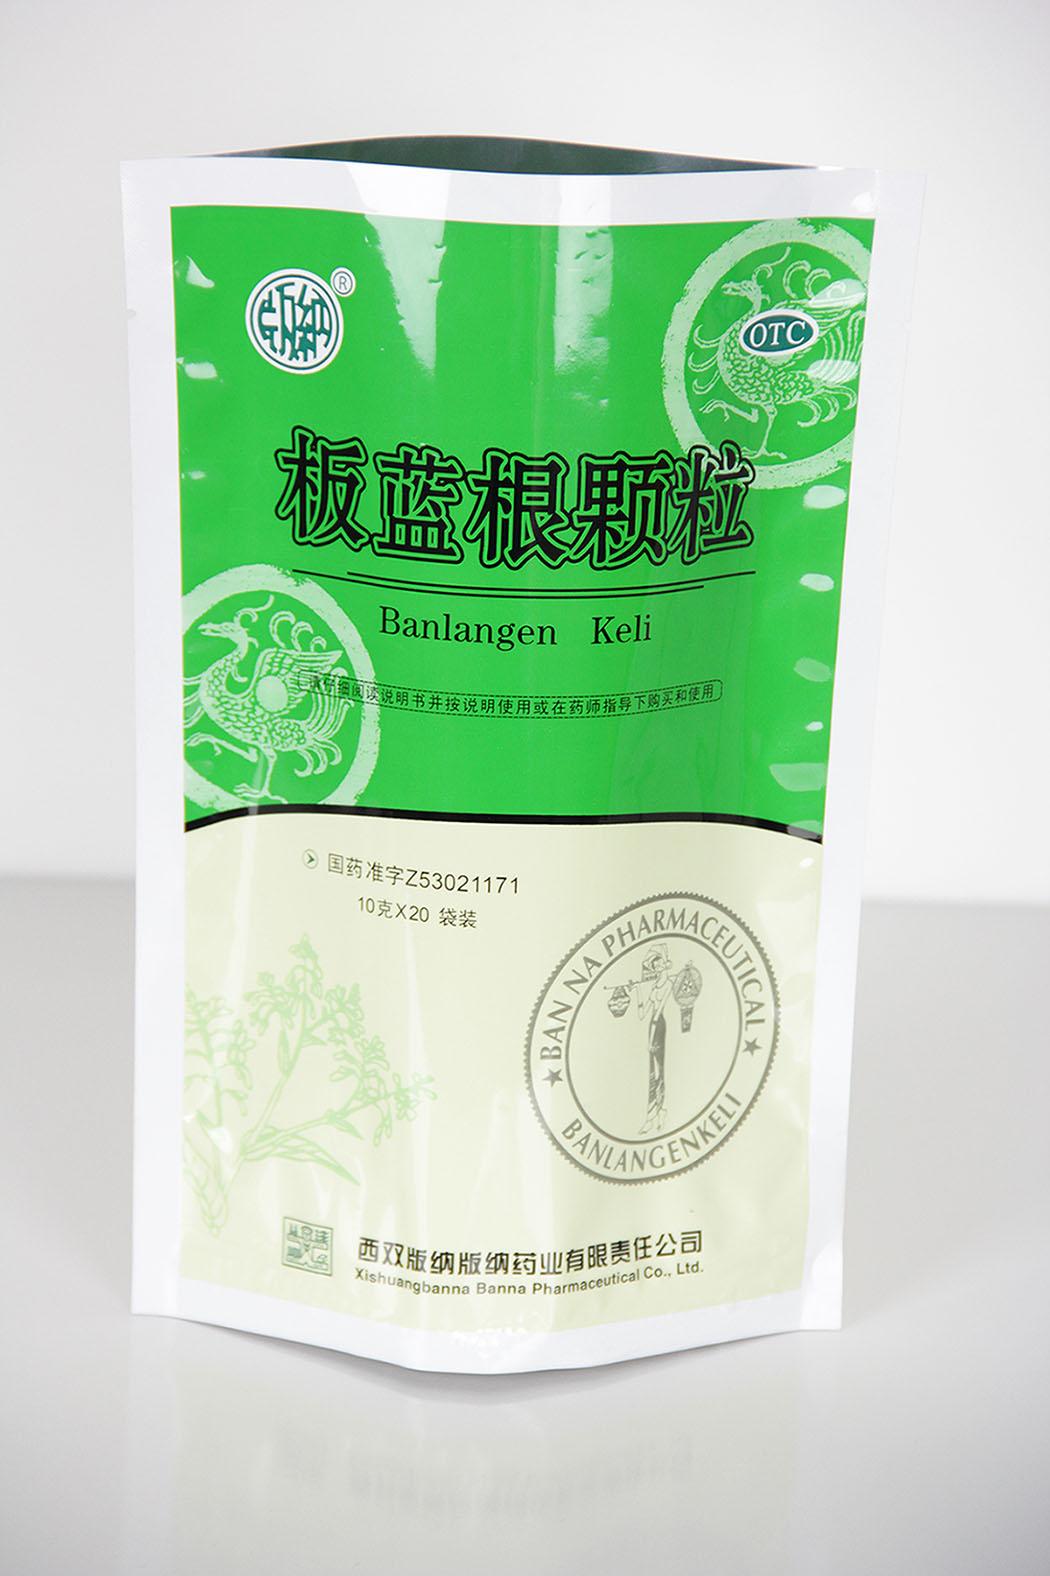 厂家专业定制拉链自立袋板蓝根颗粒冲剂包装袋可印刷